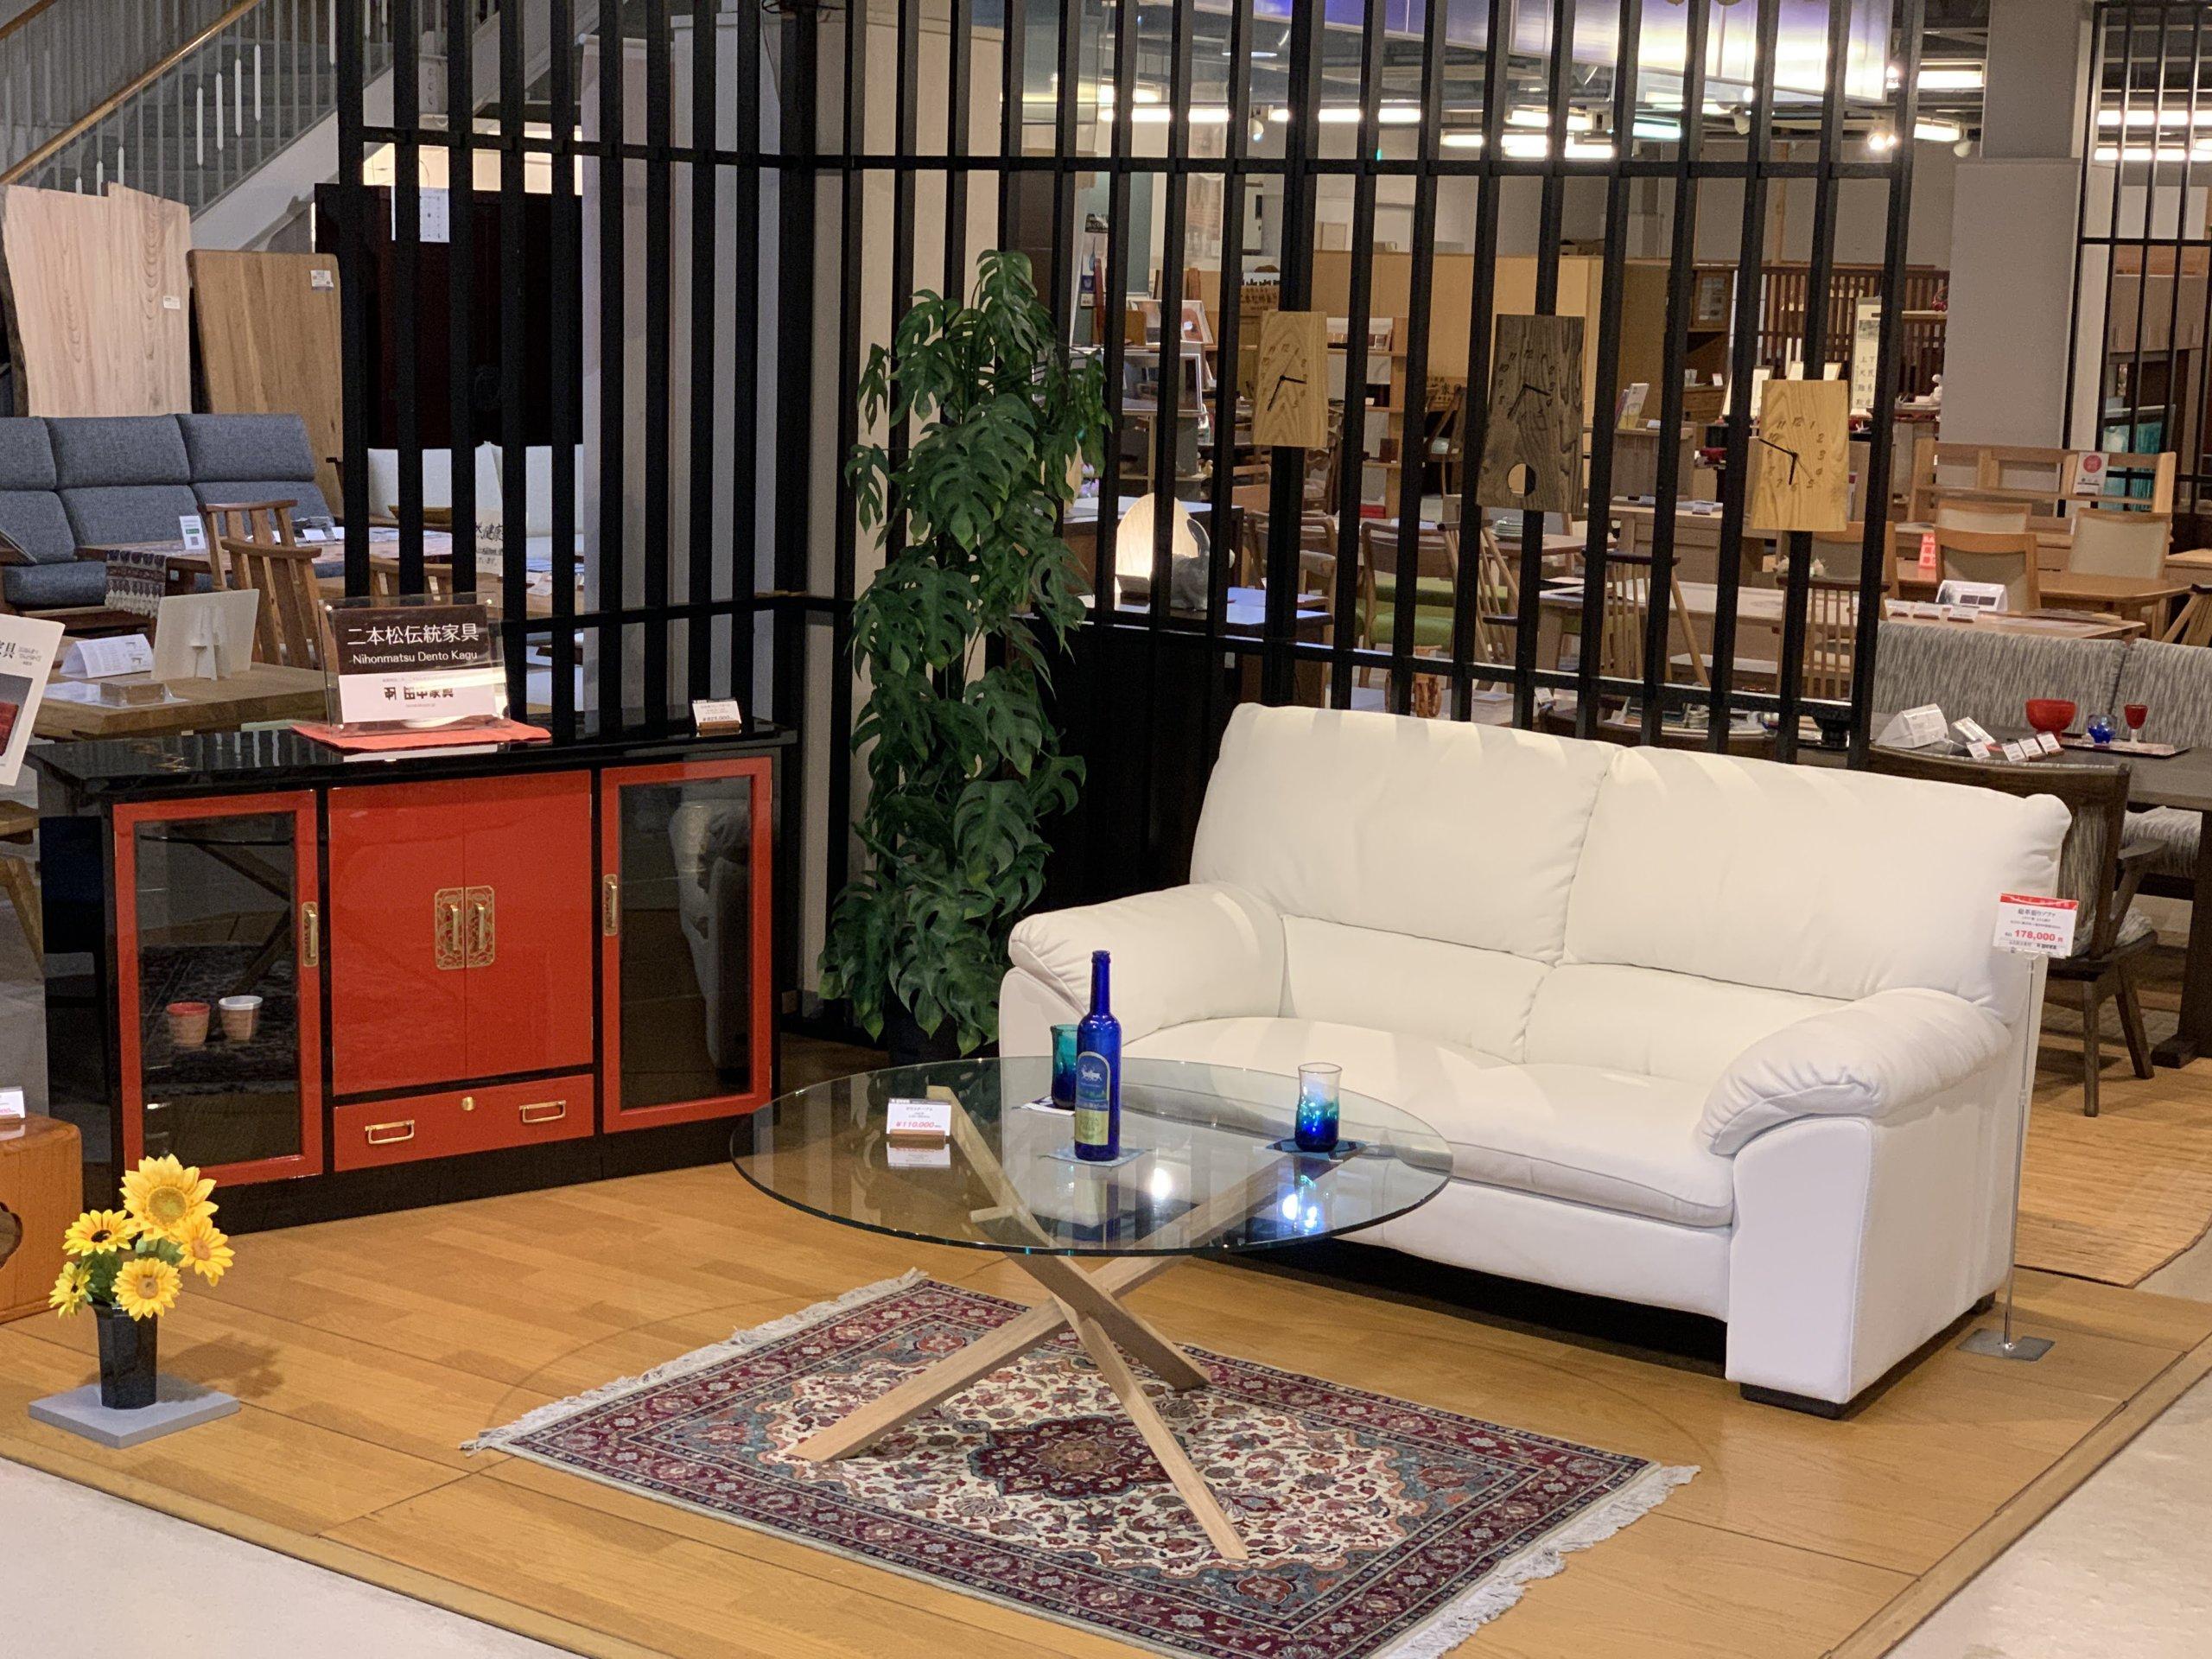 二本松伝統家具-45朱塗リビングボード 朱と黒 UV漆塗装